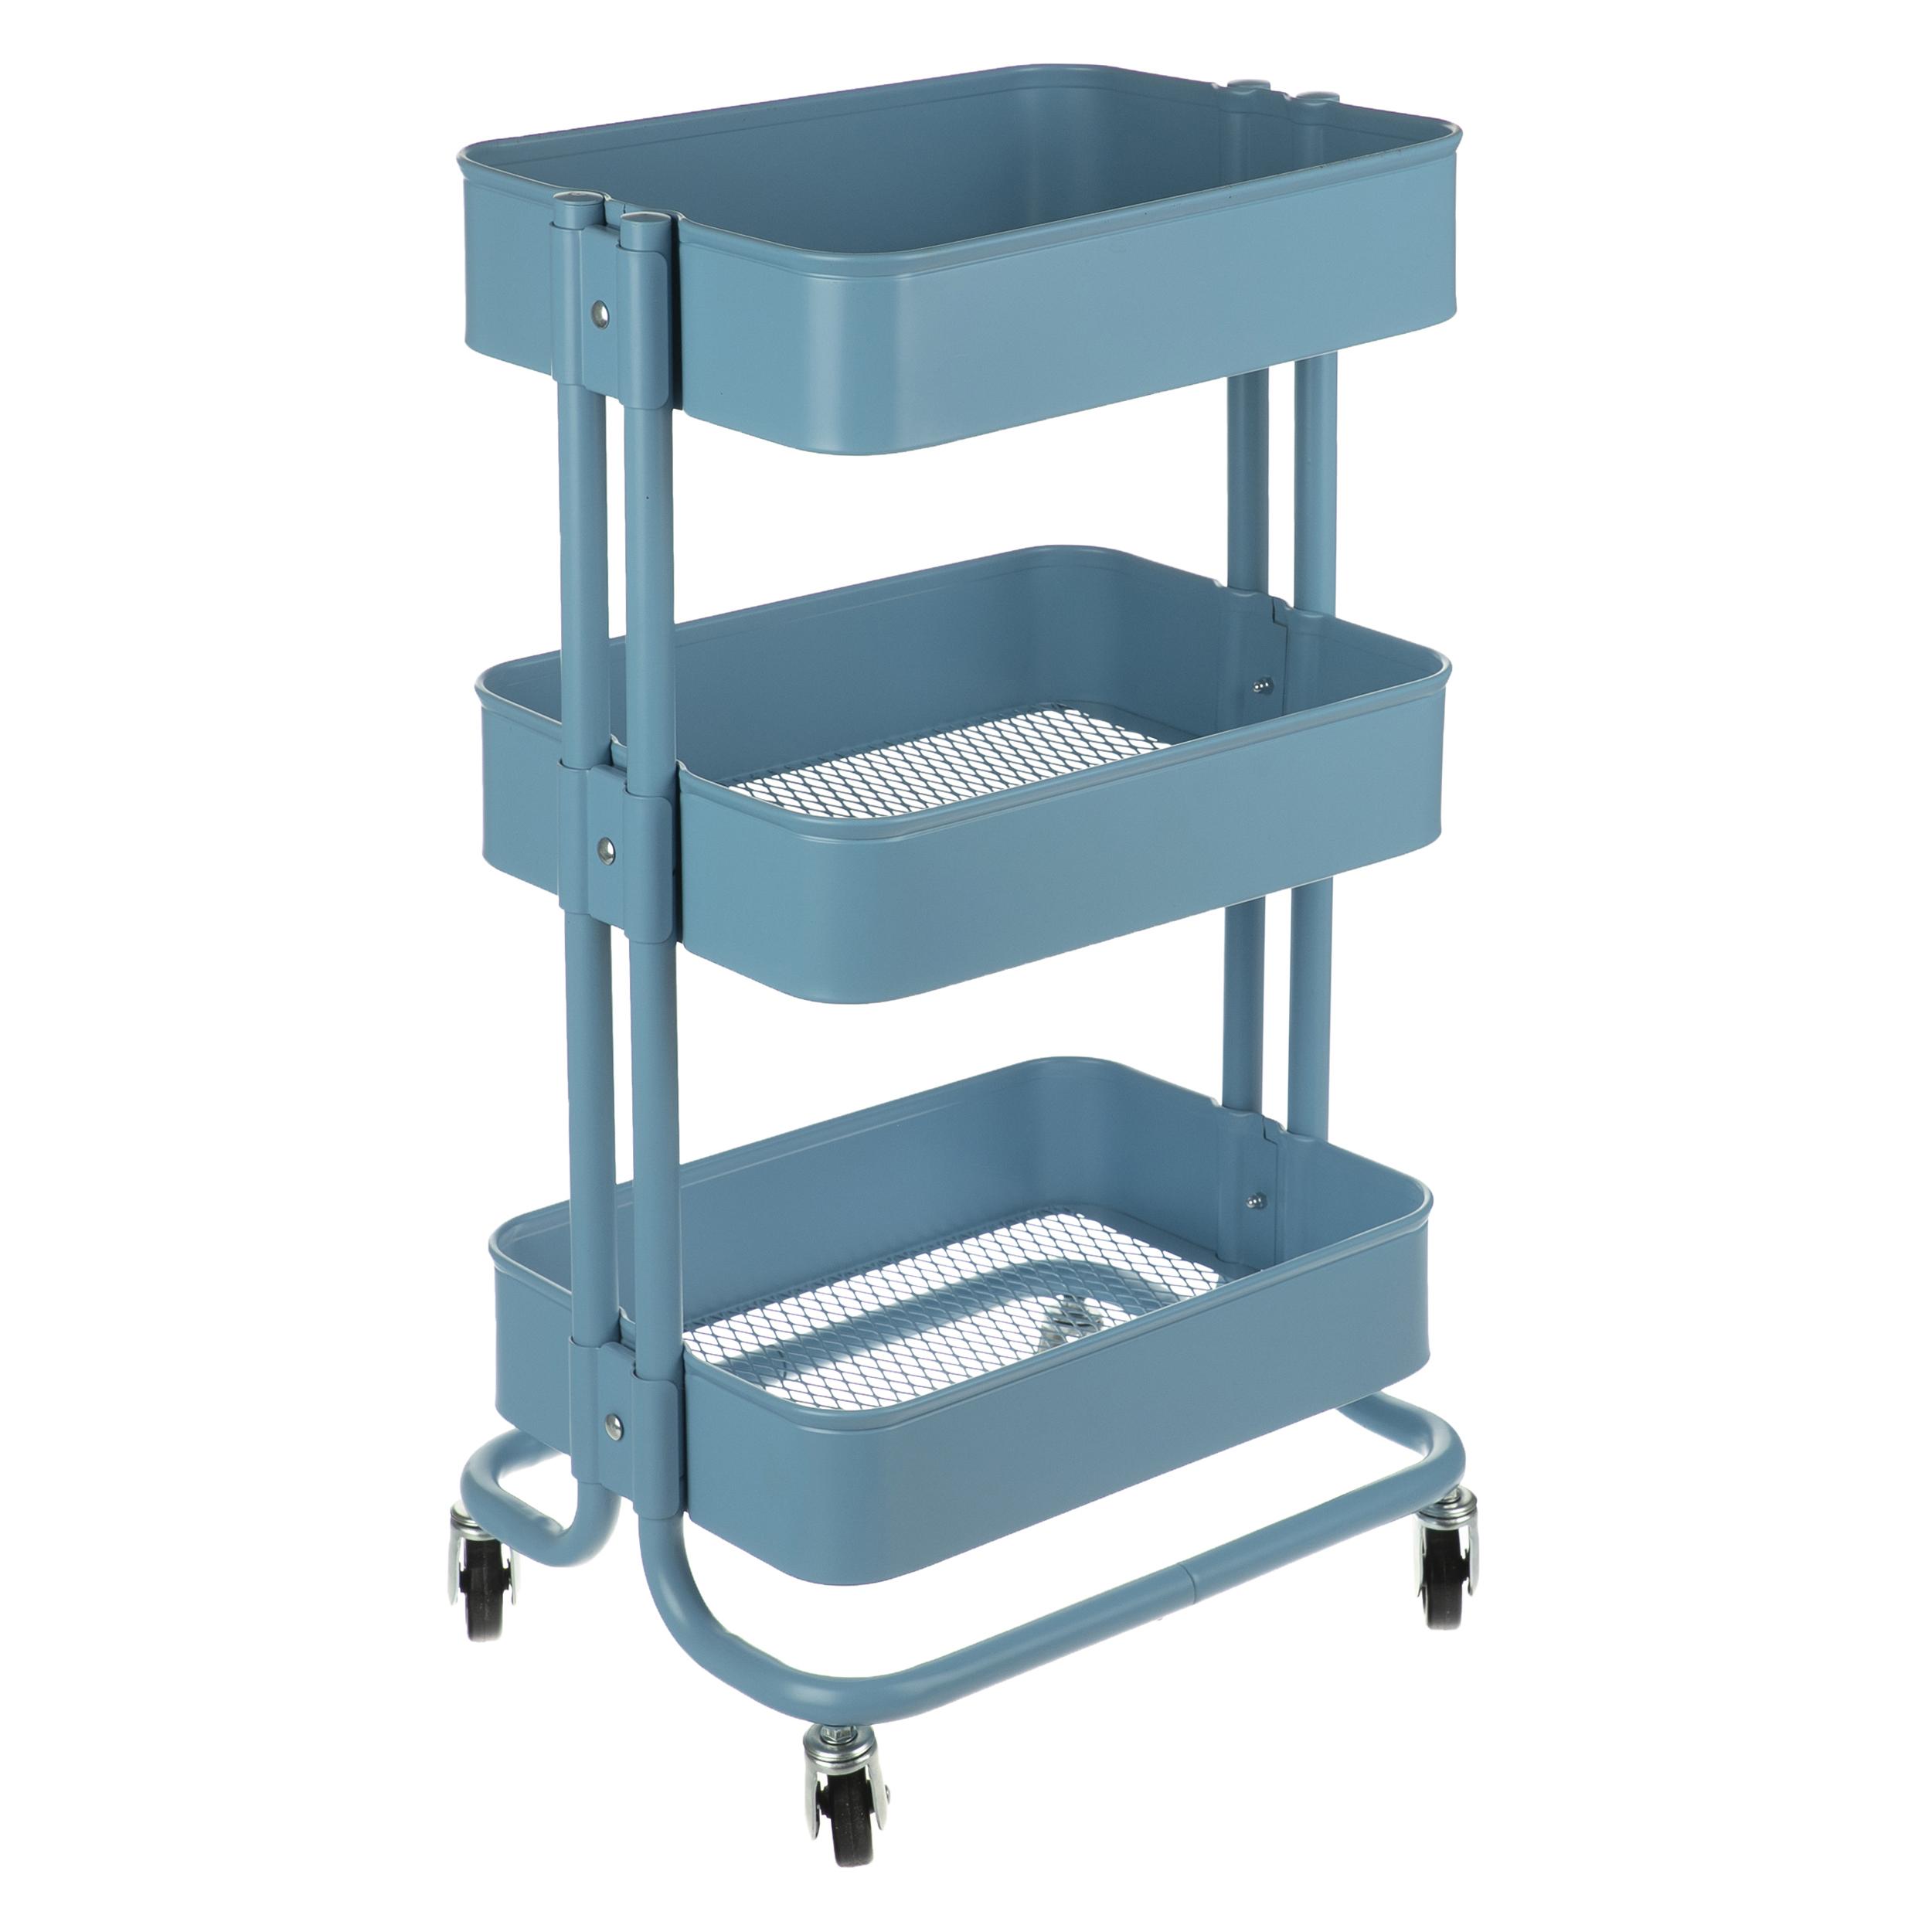 سبد چرخدار - ترولی - خانه و آشپزخانه طرح IKEA RASKOG